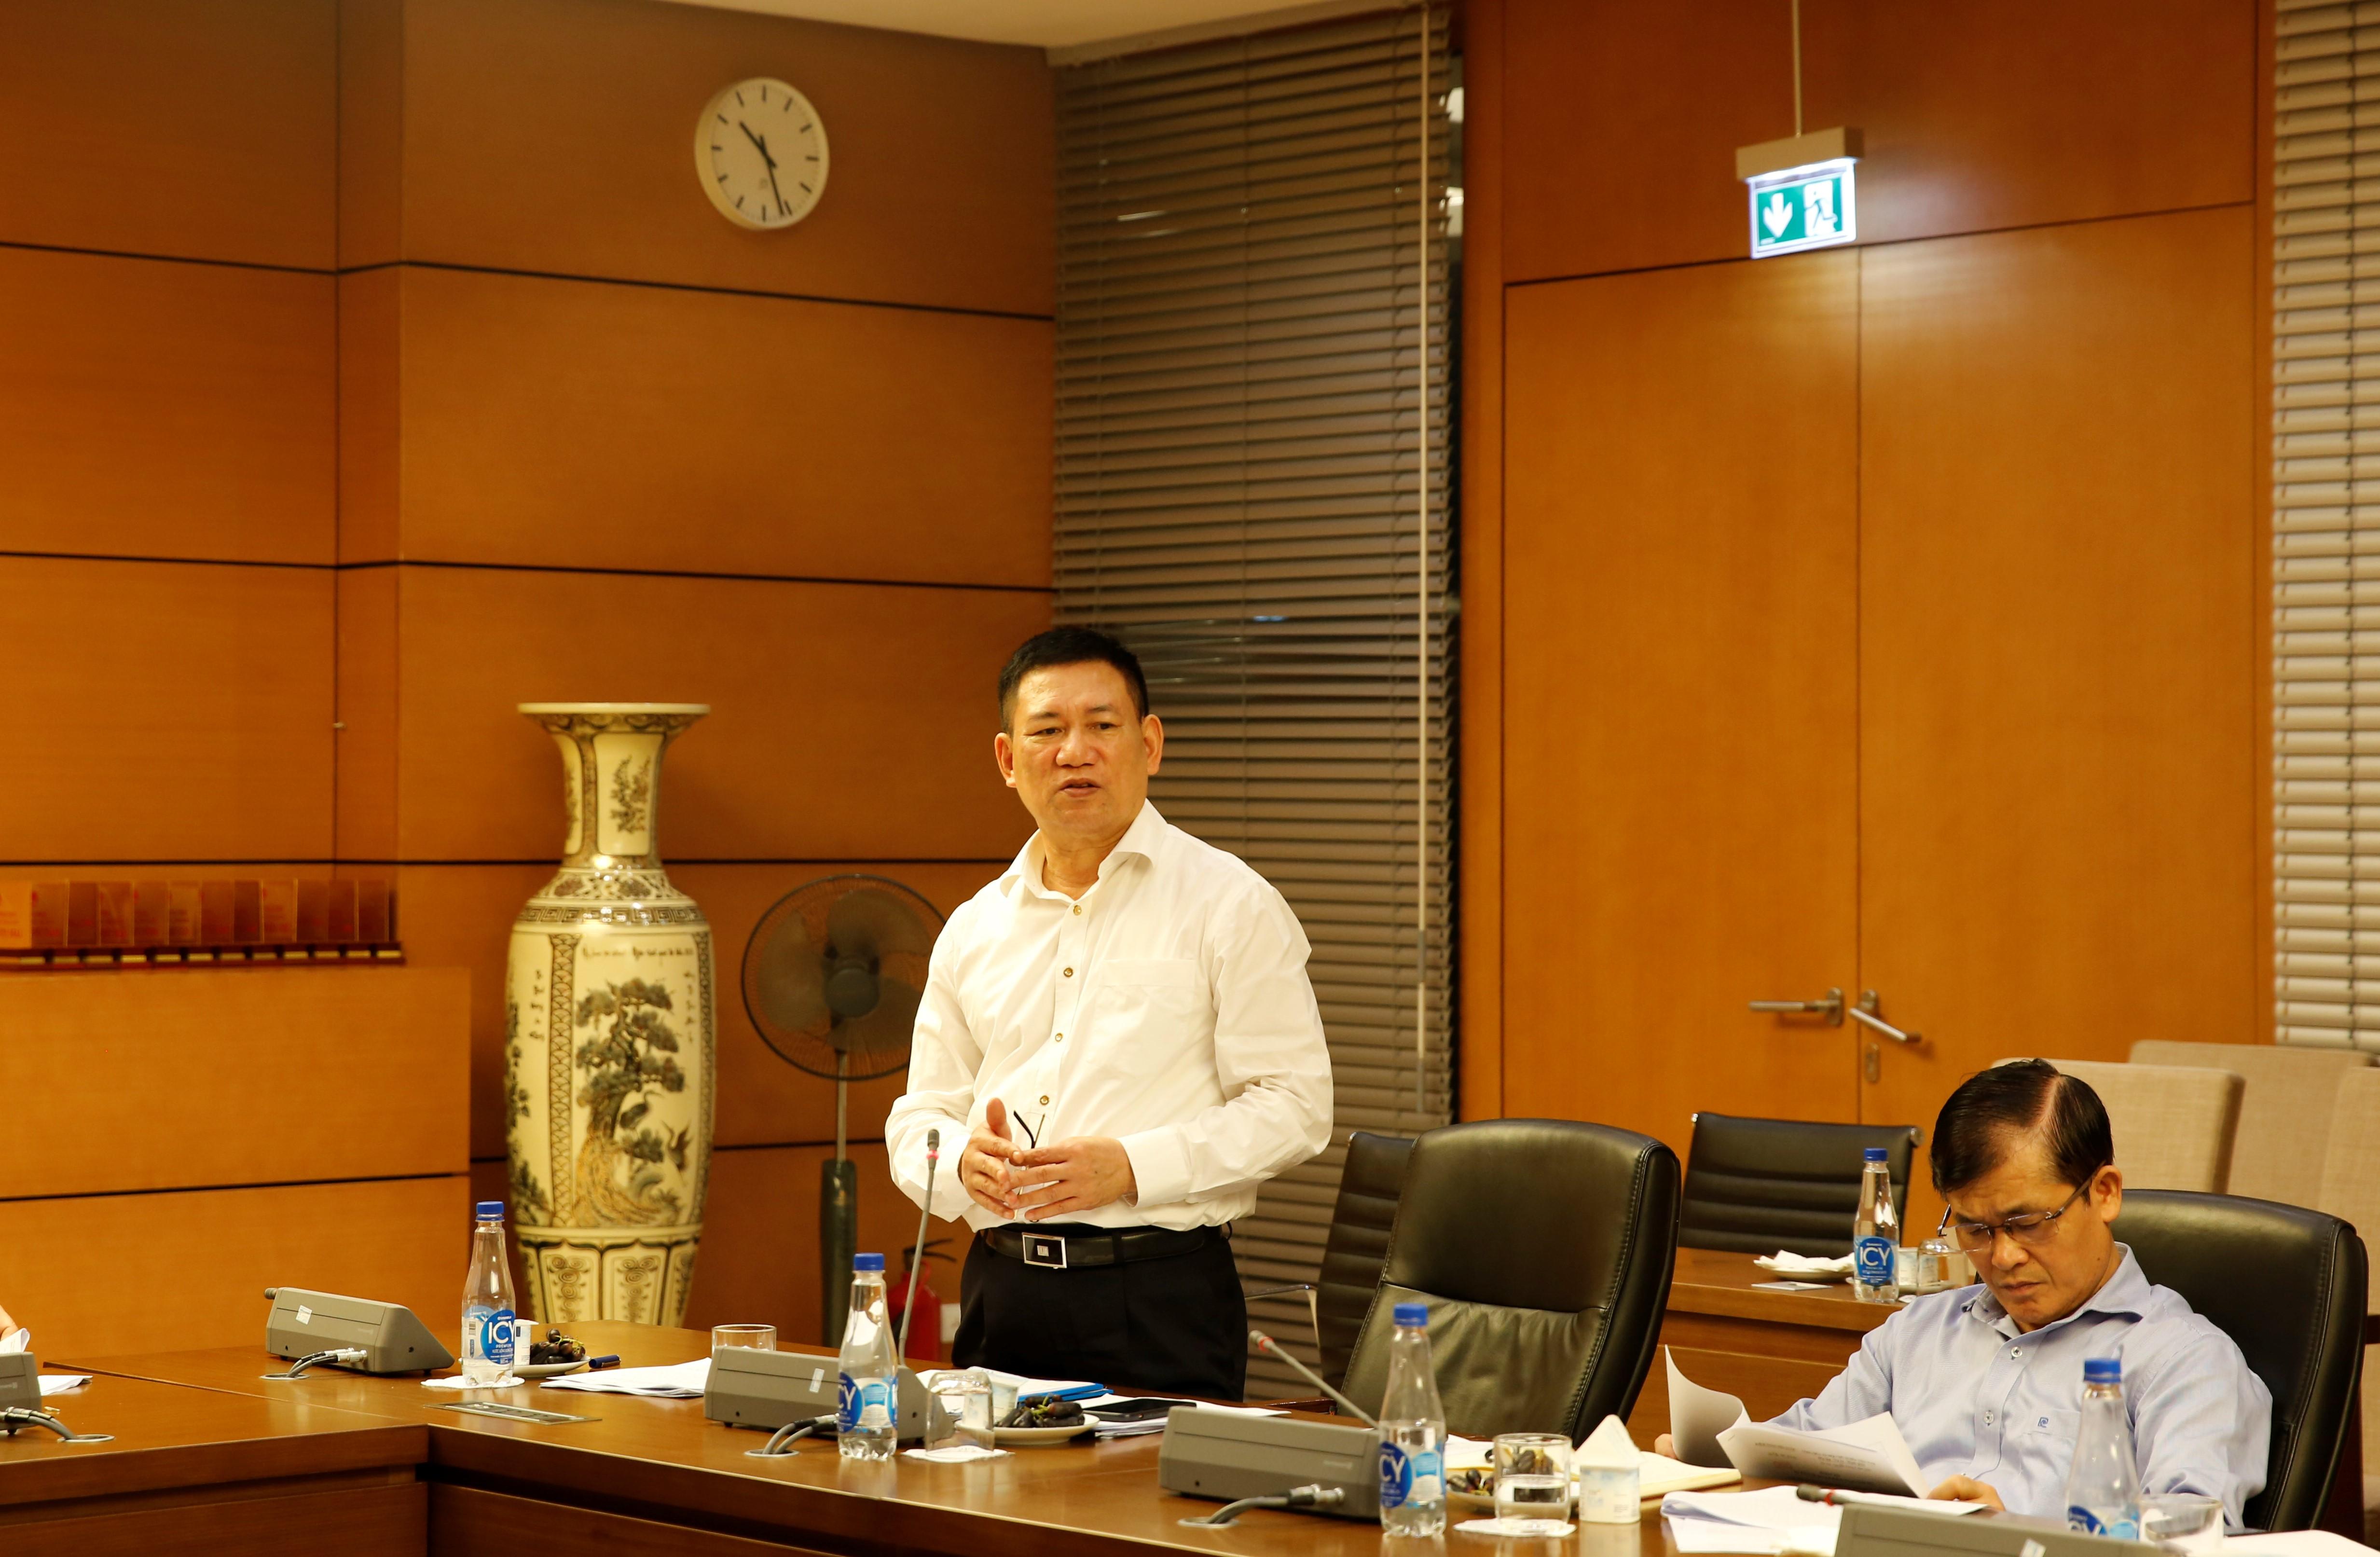 Ủy ban Tài chính - Ngân sách thẩm tra báo cáo công tác và dự kiến kế hoạch kiểm toán năm 2021 của Kiểm toán Nhà nước